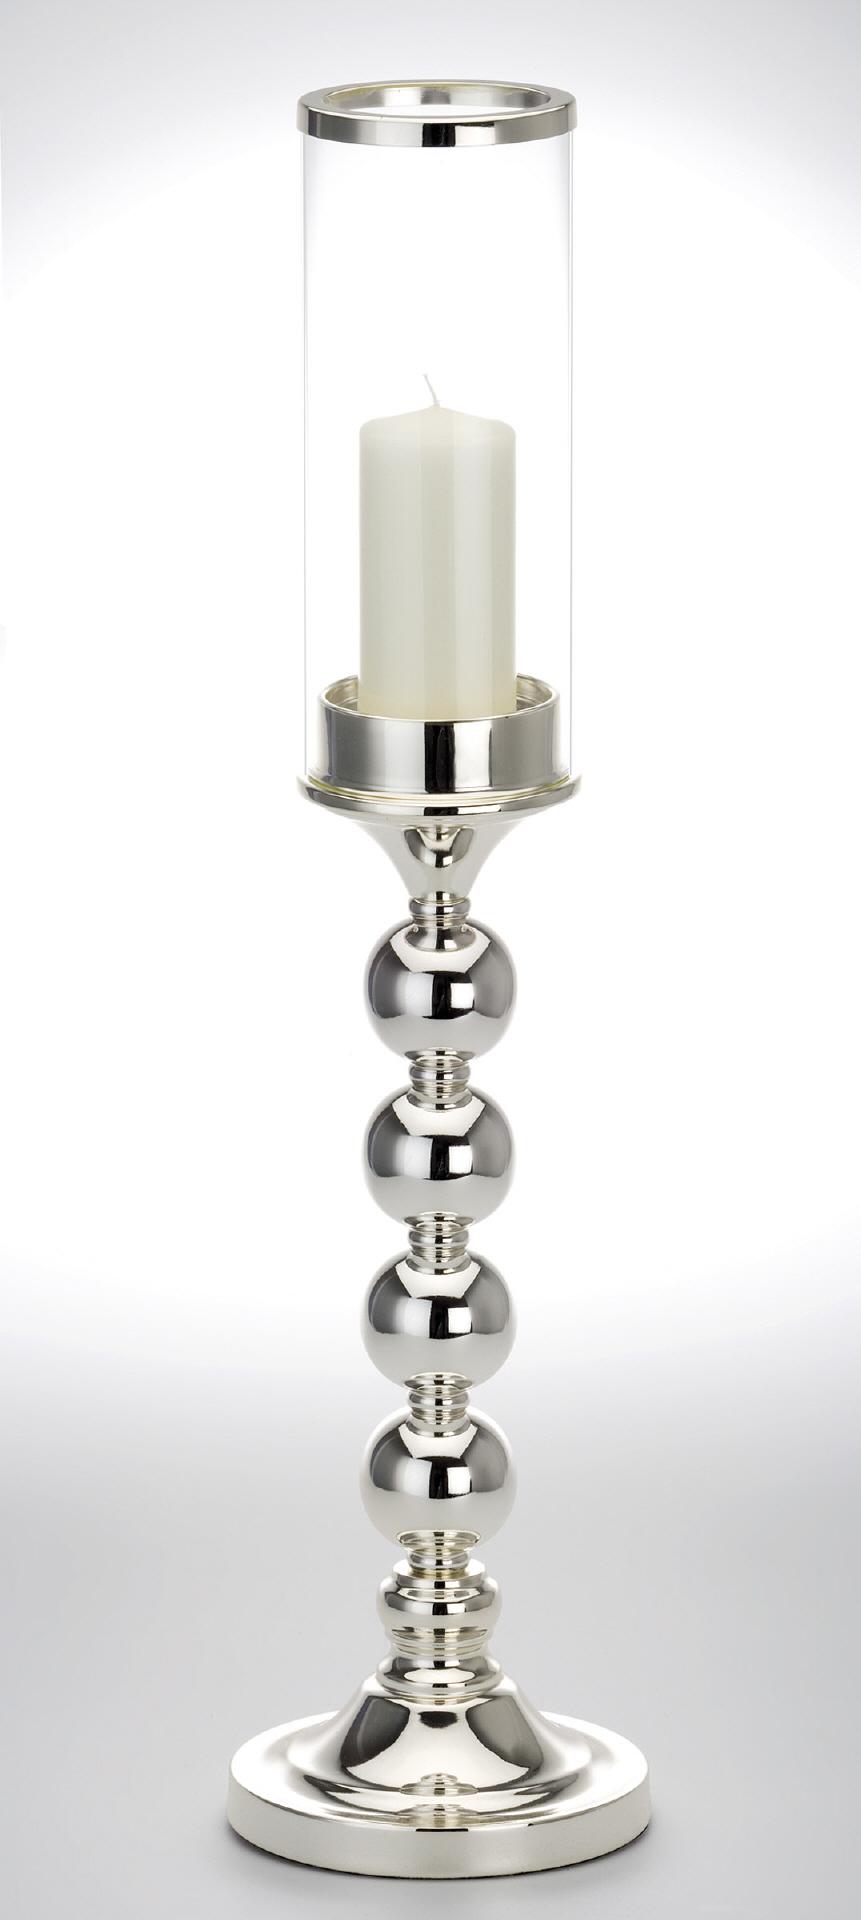 windlicht kugelfu mit klarglas h 66 x 16 cm im kerzen shop zu guenstigen preisen kaufen. Black Bedroom Furniture Sets. Home Design Ideas